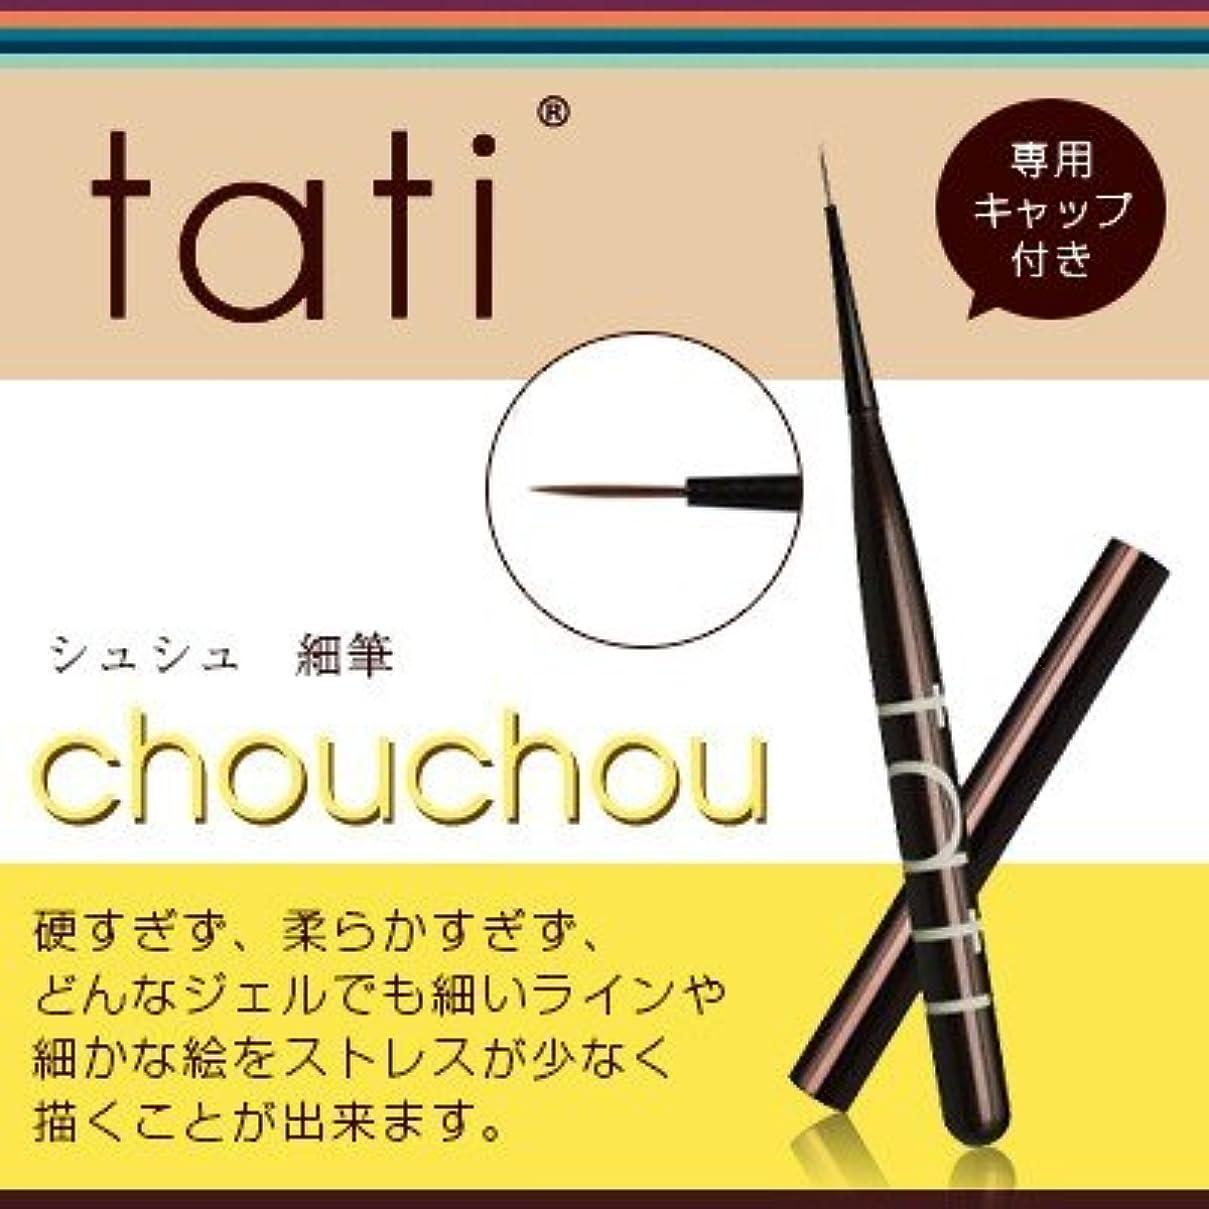 包囲被る宝tati アートショコラ chouchou (シュシュ)